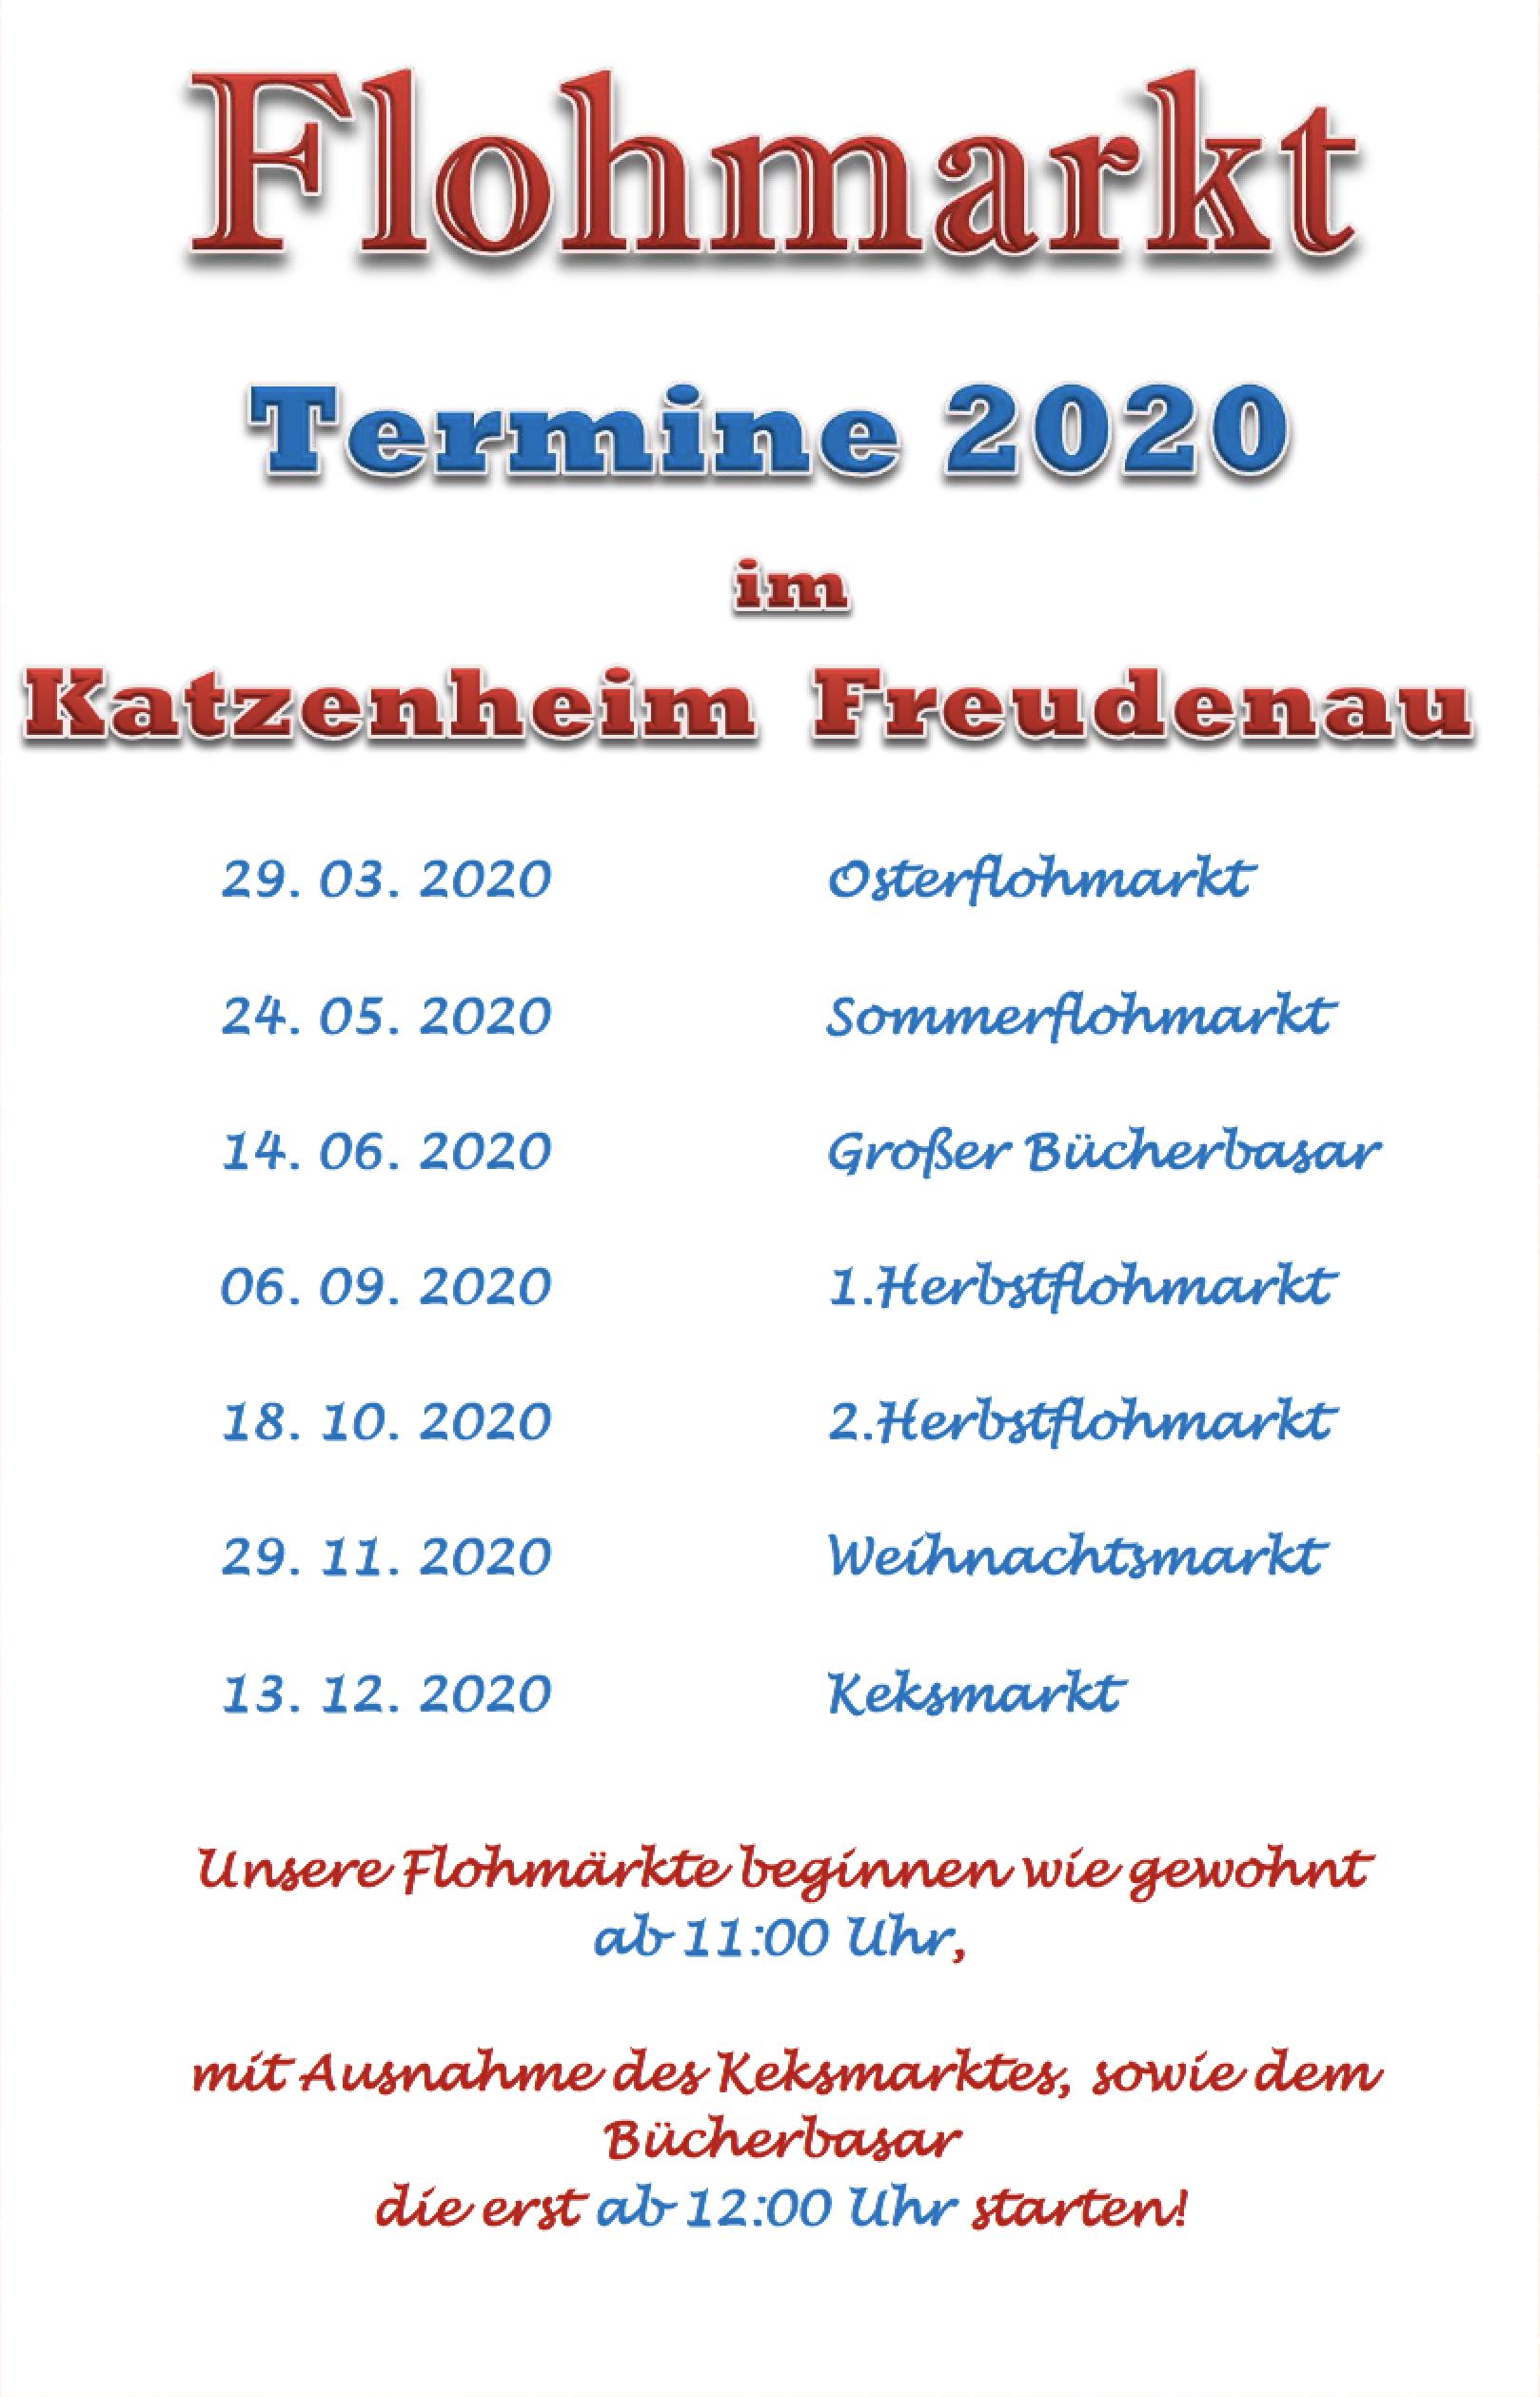 Flohmarkt Termine 2020 im Katzenheim Freudenau